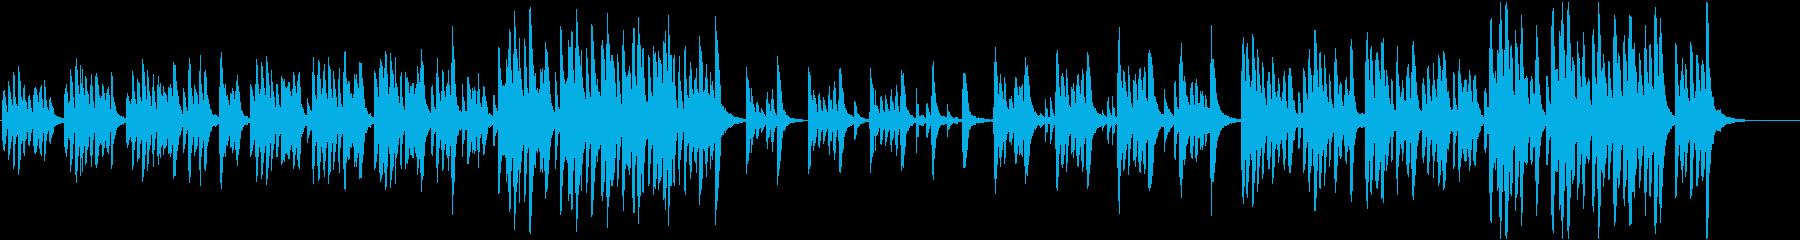 カジュアルで優しいマリンバ系BGMの再生済みの波形